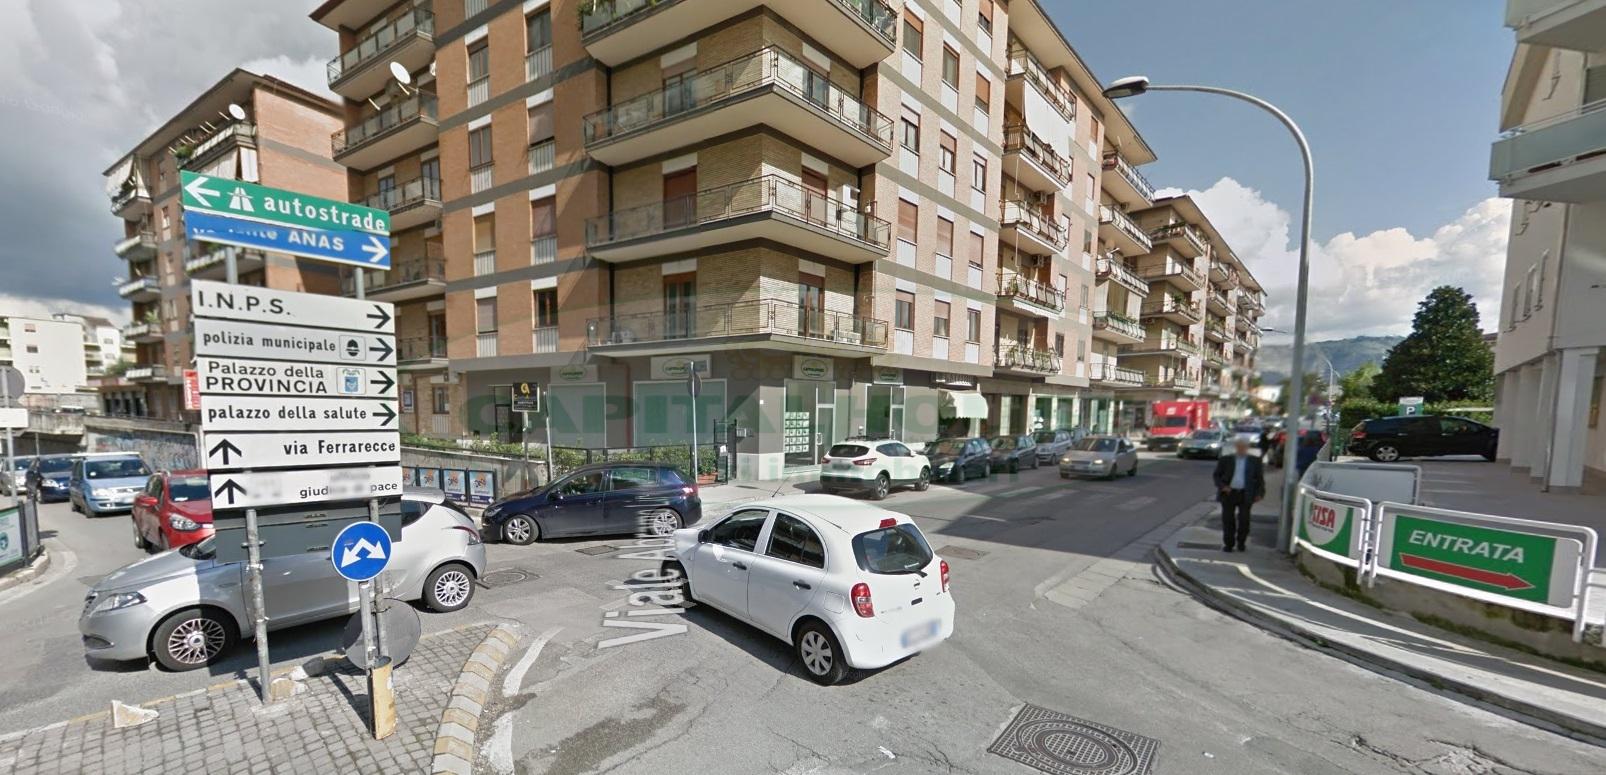 Box / Garage in affitto a Caserta, 9999 locali, zona Località: Lincoln, prezzo € 80 | CambioCasa.it